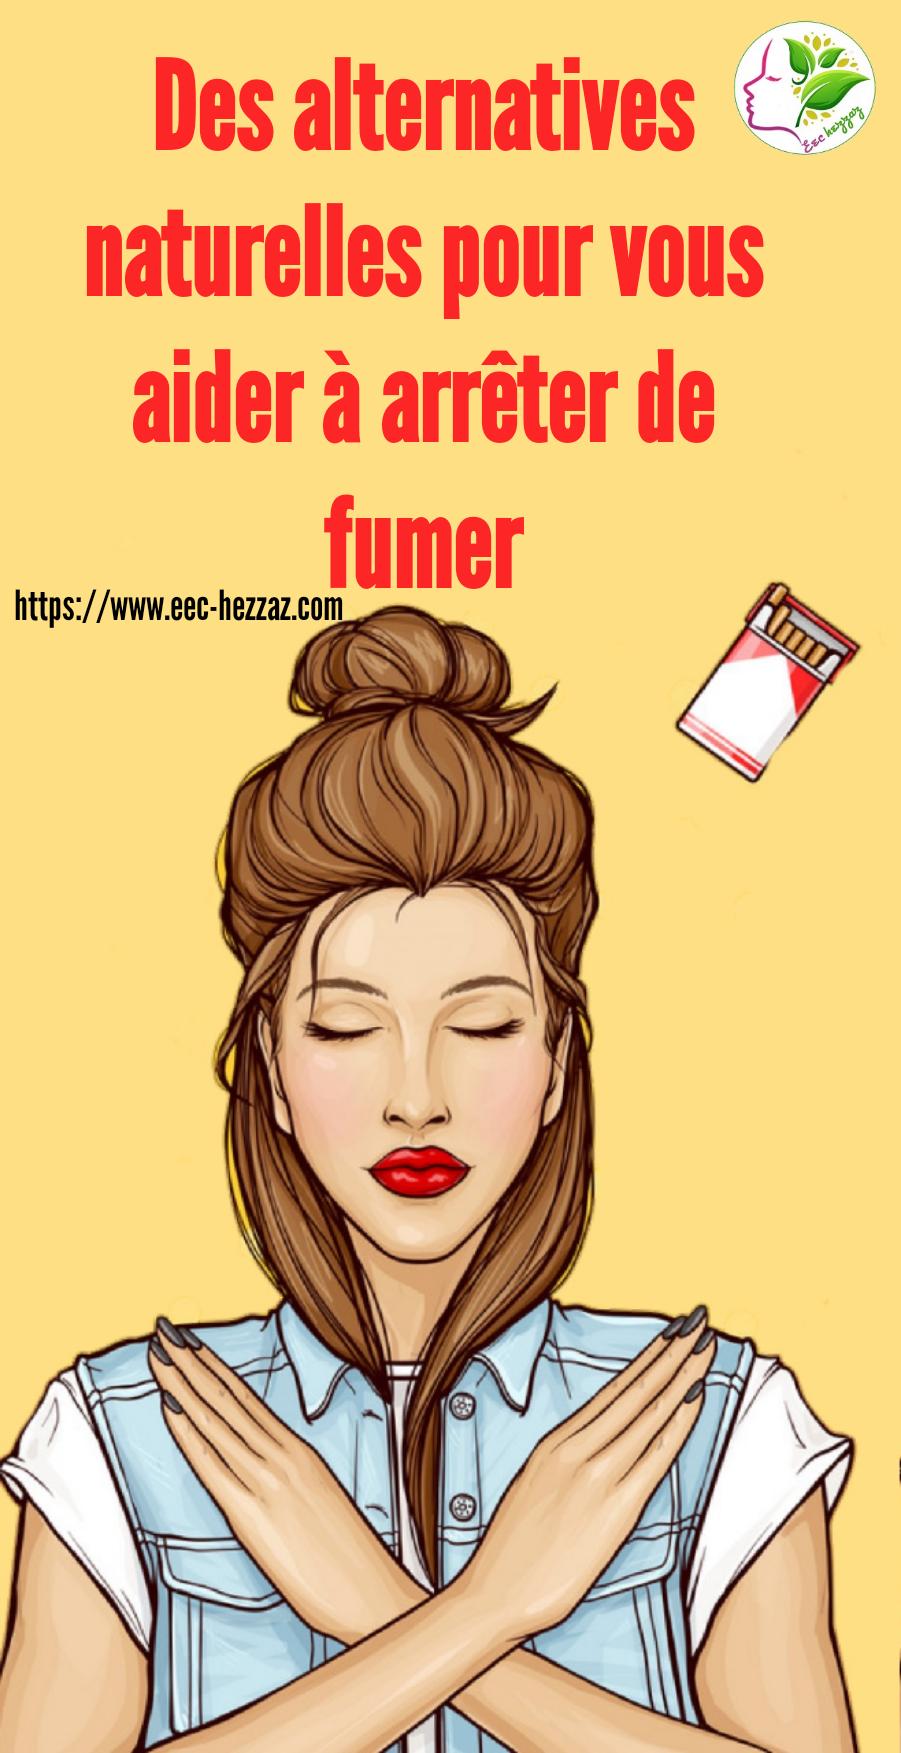 Des alternatives naturelles pour vous aider à arrêter de fumer